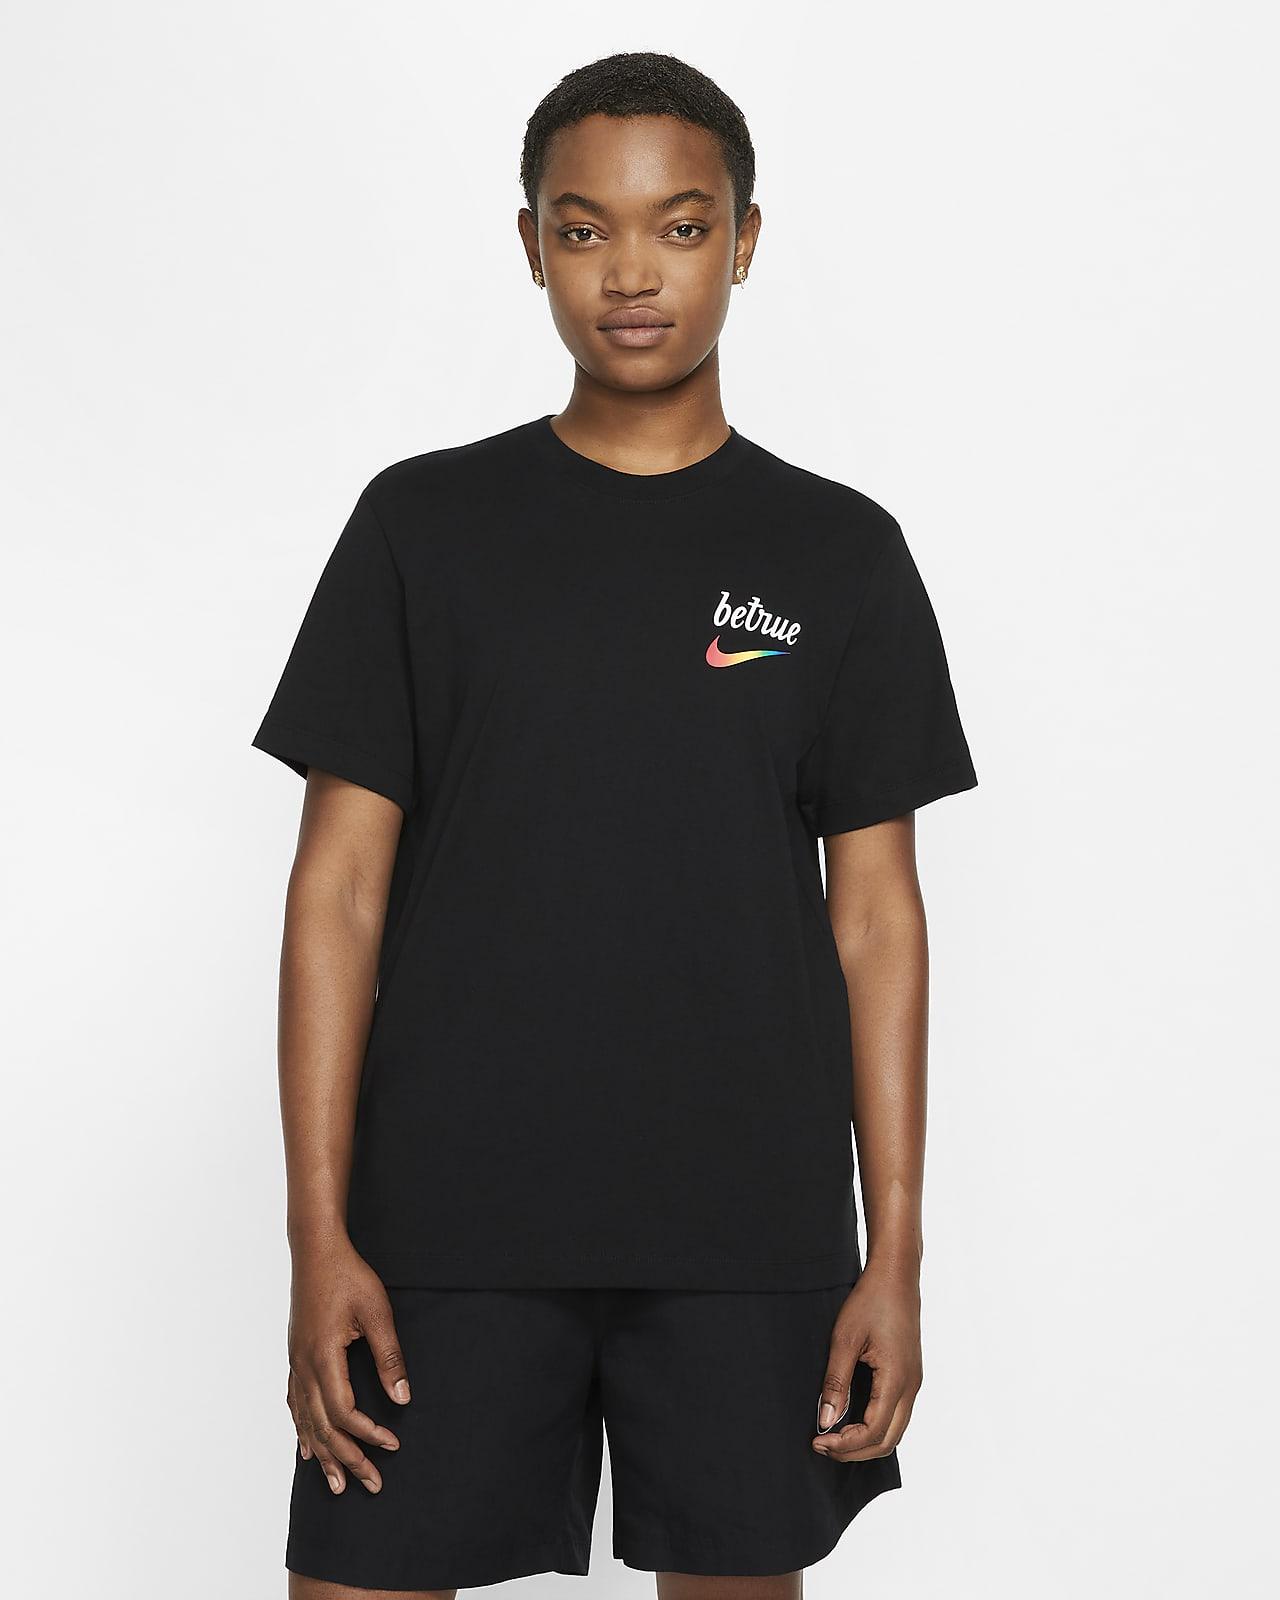 เสื้อยืดผู้ชาย Nike Sportswear BeTrue